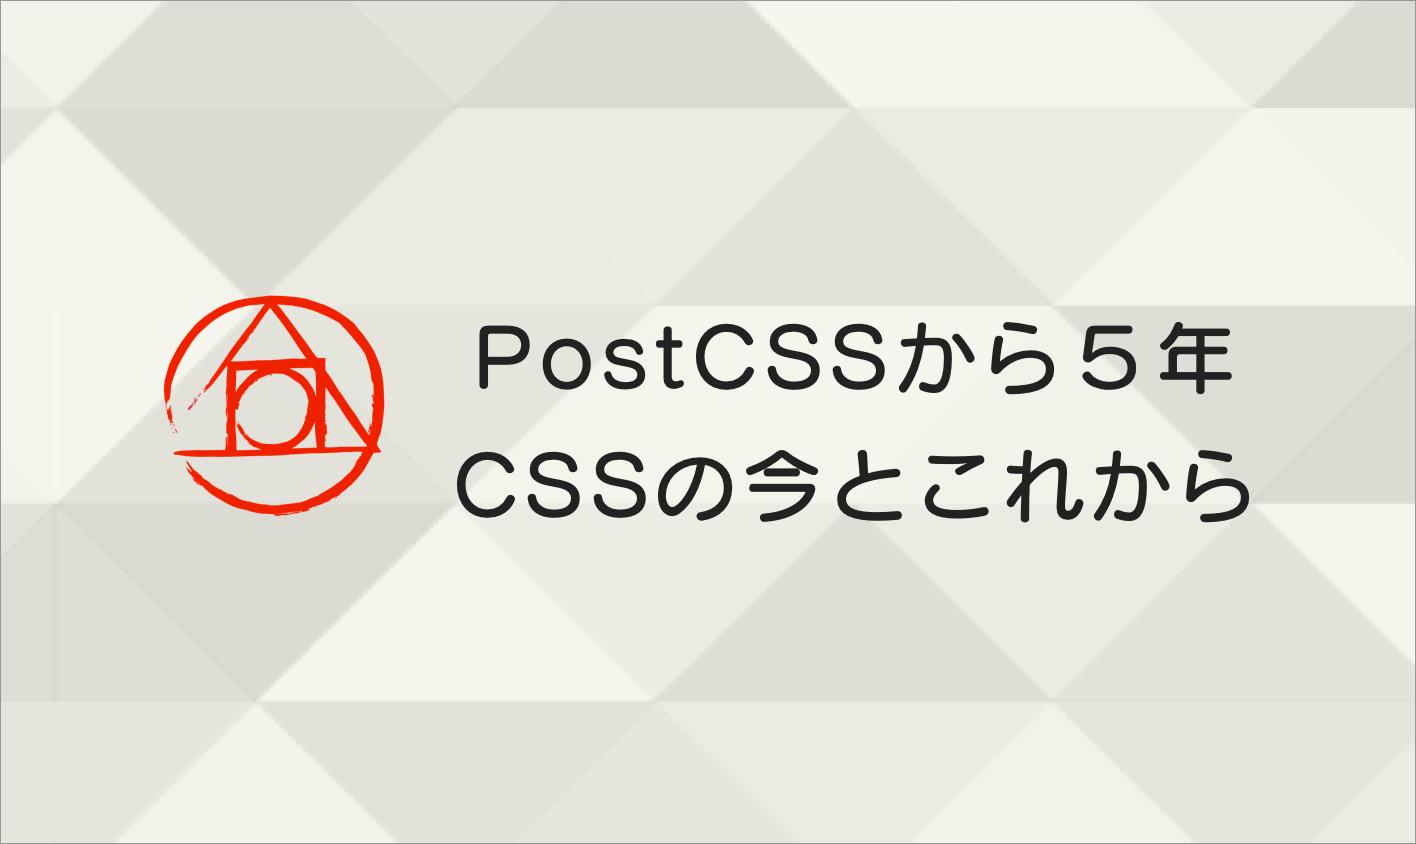 Artboard Copy 92.png (188.7 kB)